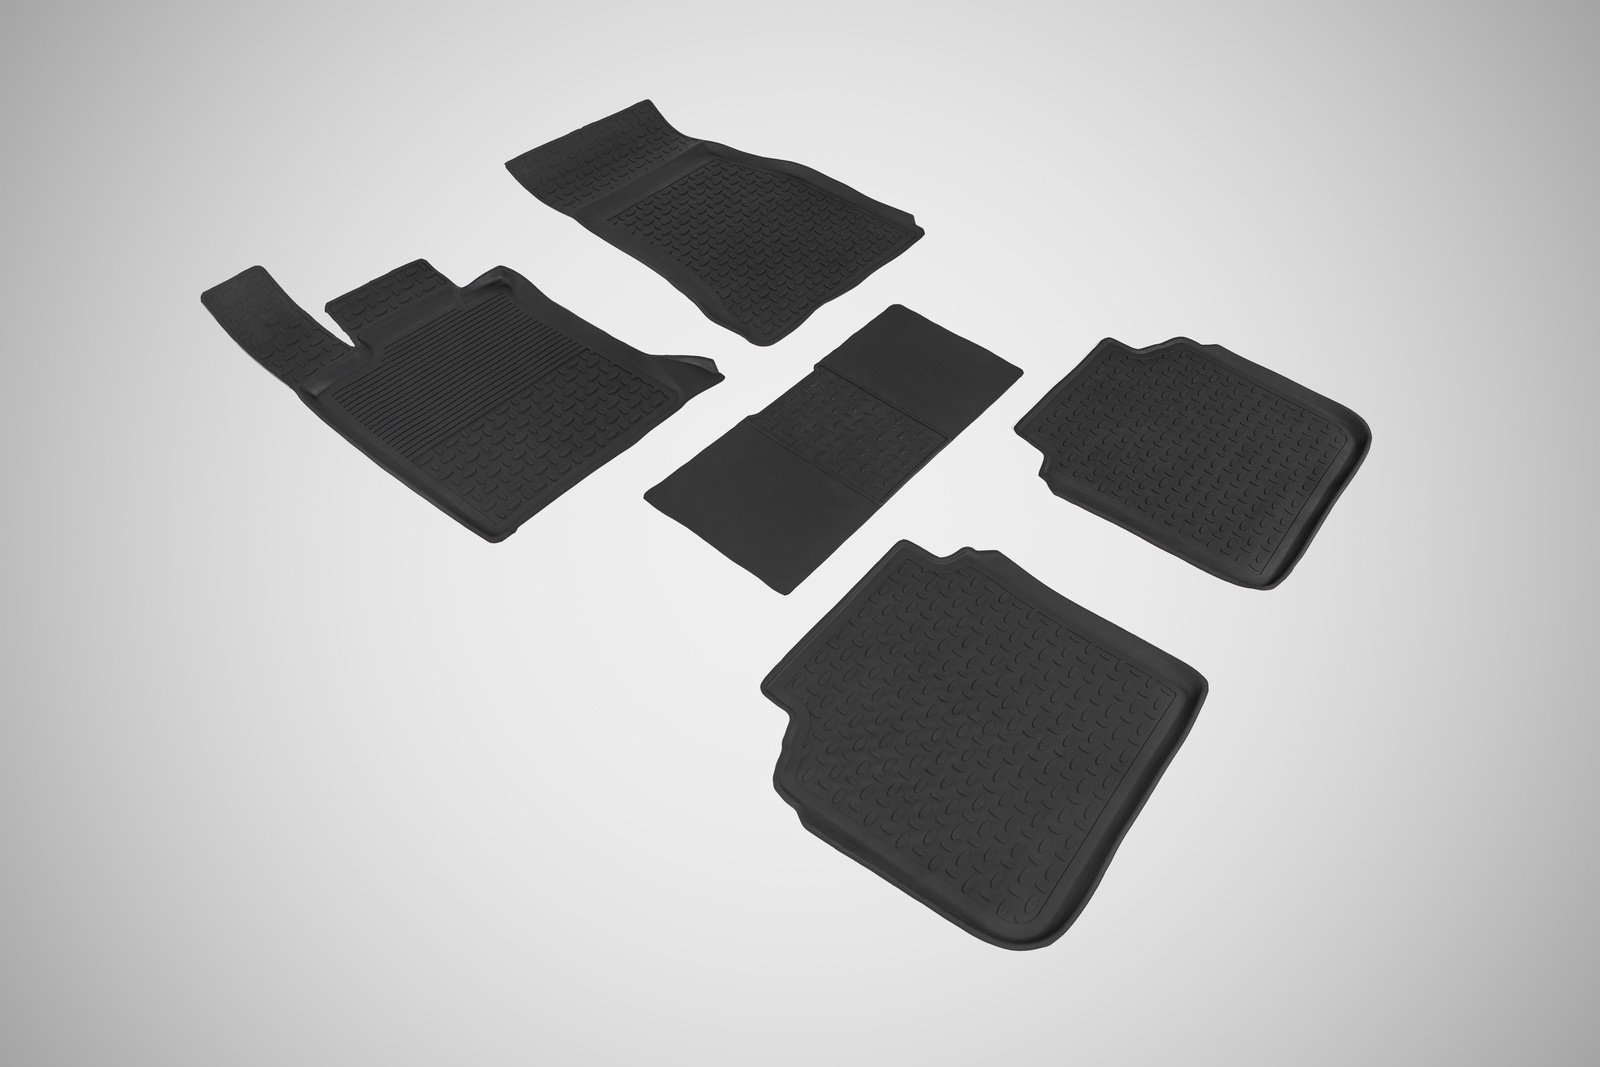 развивающие коврики Коврики в салон автомобиля Seintex Резиновые коврики с высоким бортом для BMW 7 Ser G-12 4WD 2015-н.в.